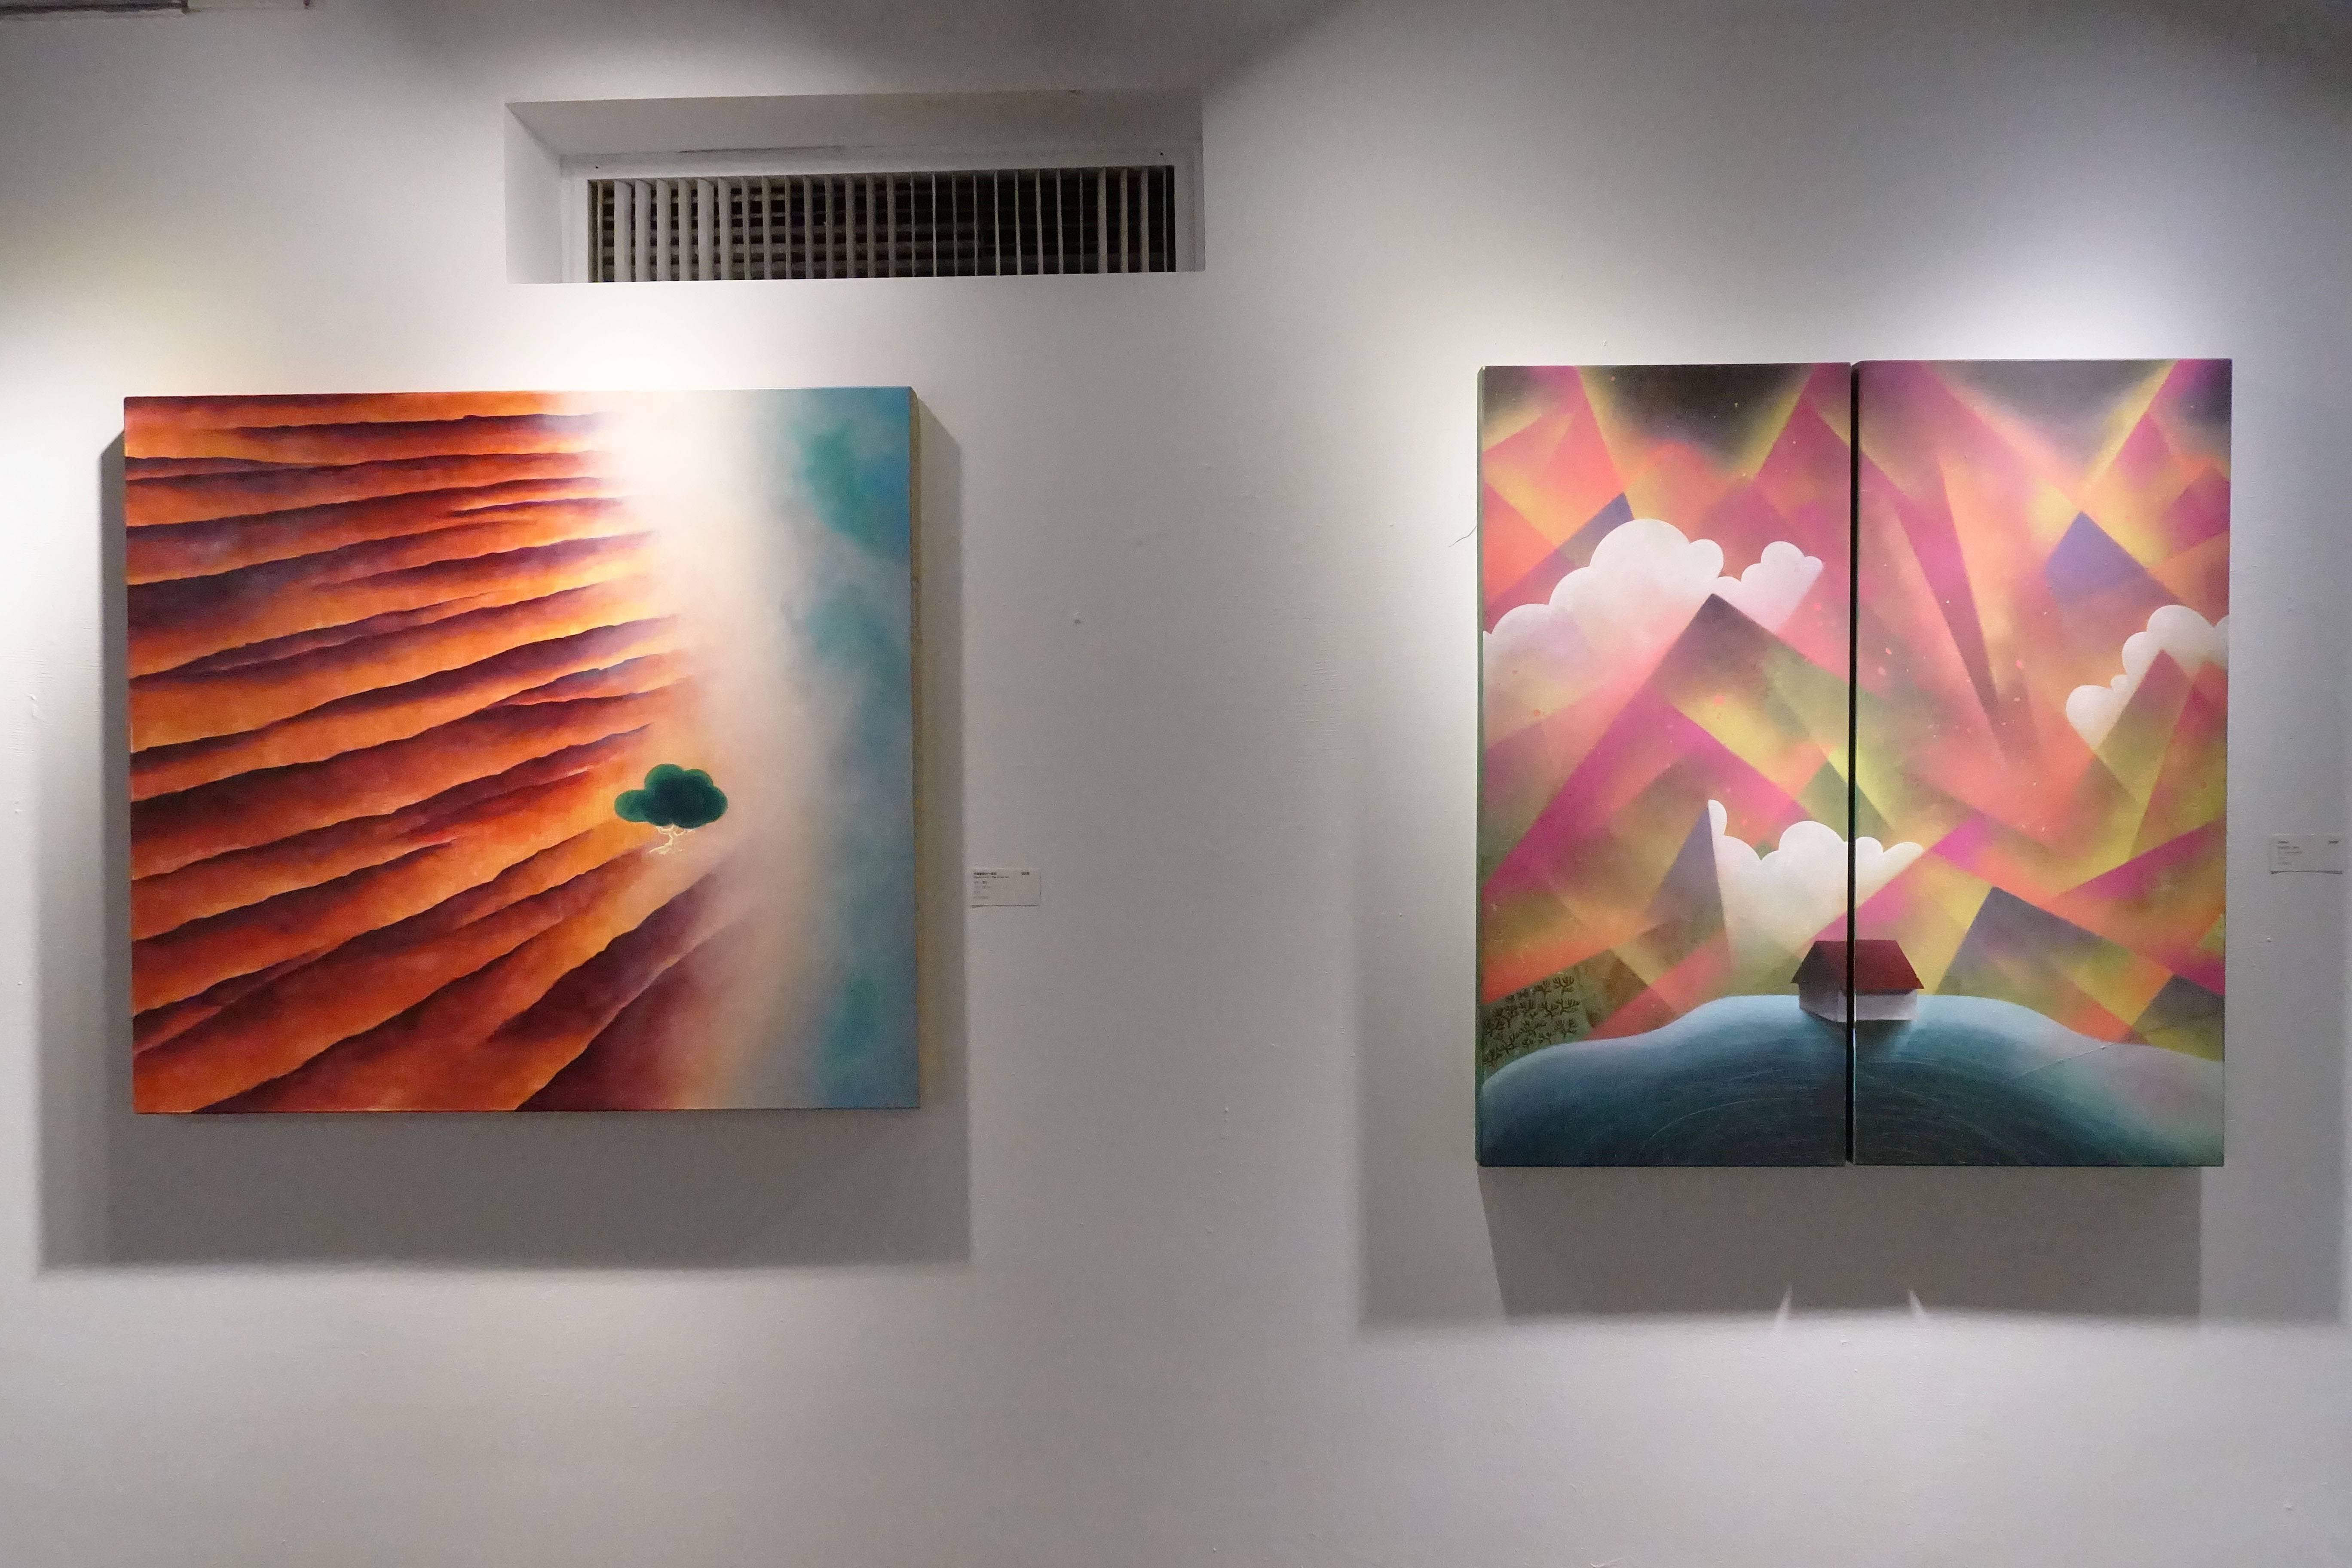 張友鷦,《海邊築夢的一棵樹》(左)《巢》(右),油彩畫布,2018,2014。